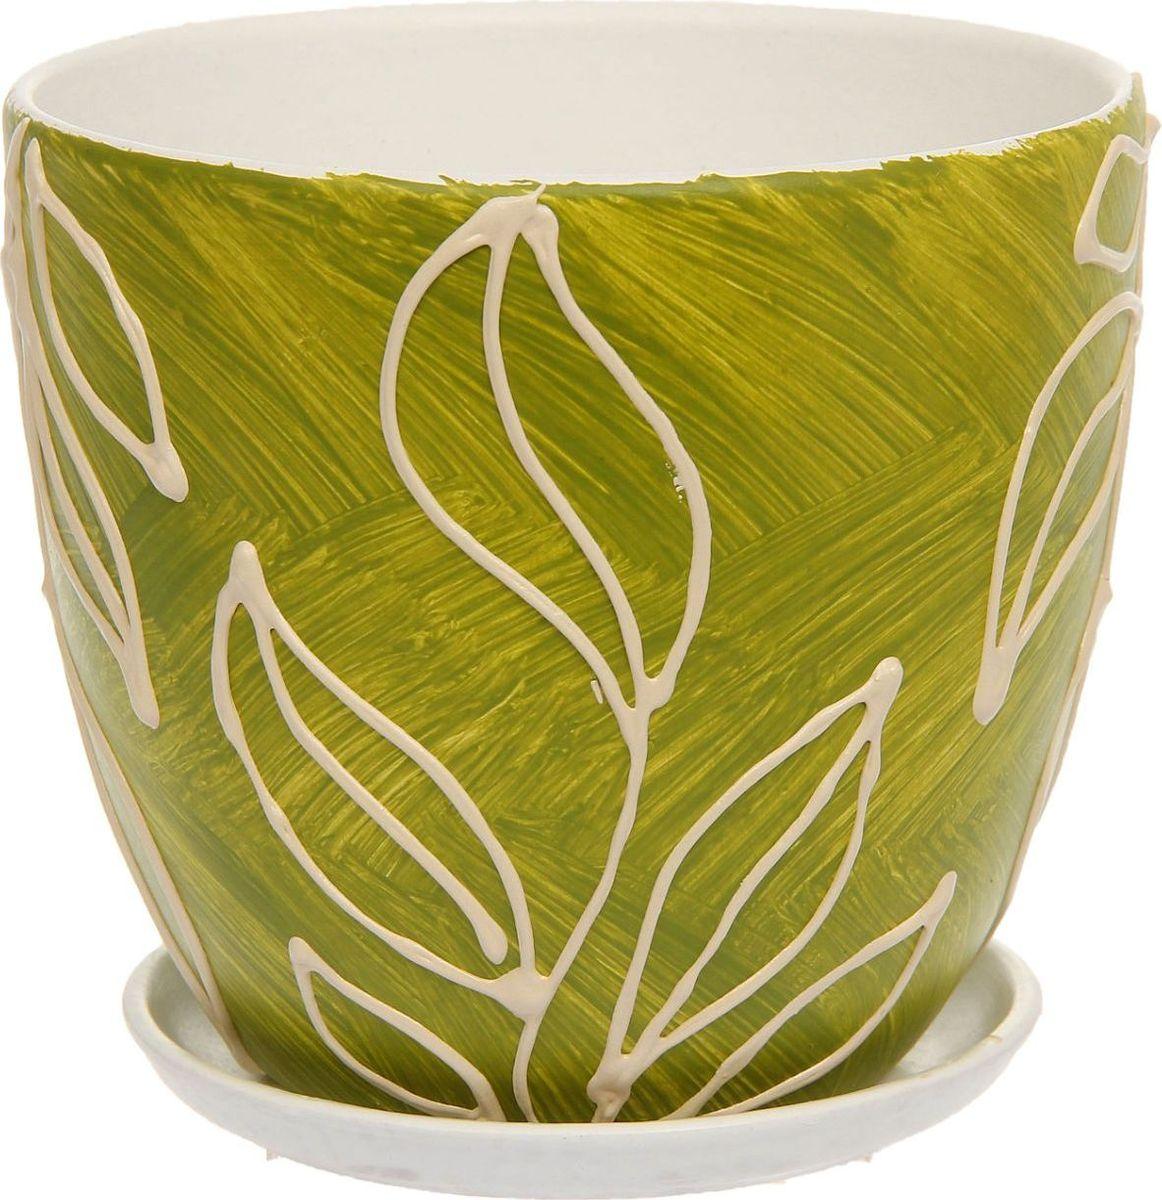 Кашпо Оливки, 1,1 л1138660Комнатные растения — всеобщие любимцы. Они радуют глаз, насыщают помещение кислородом и украшают пространство. Каждому из них необходим свой удобный и красивый дом. Кашпо из керамики прекрасно подходят для высадки растений: за счёт пластичности глины и разных способов обработки существует великое множество форм и дизайновпористый материал позволяет испаряться лишней влагевоздух, необходимый для дыхания корней, проникает сквозь керамические стенки! #name# позаботится о зелёном питомце, освежит интерьер и подчеркнёт его стиль.